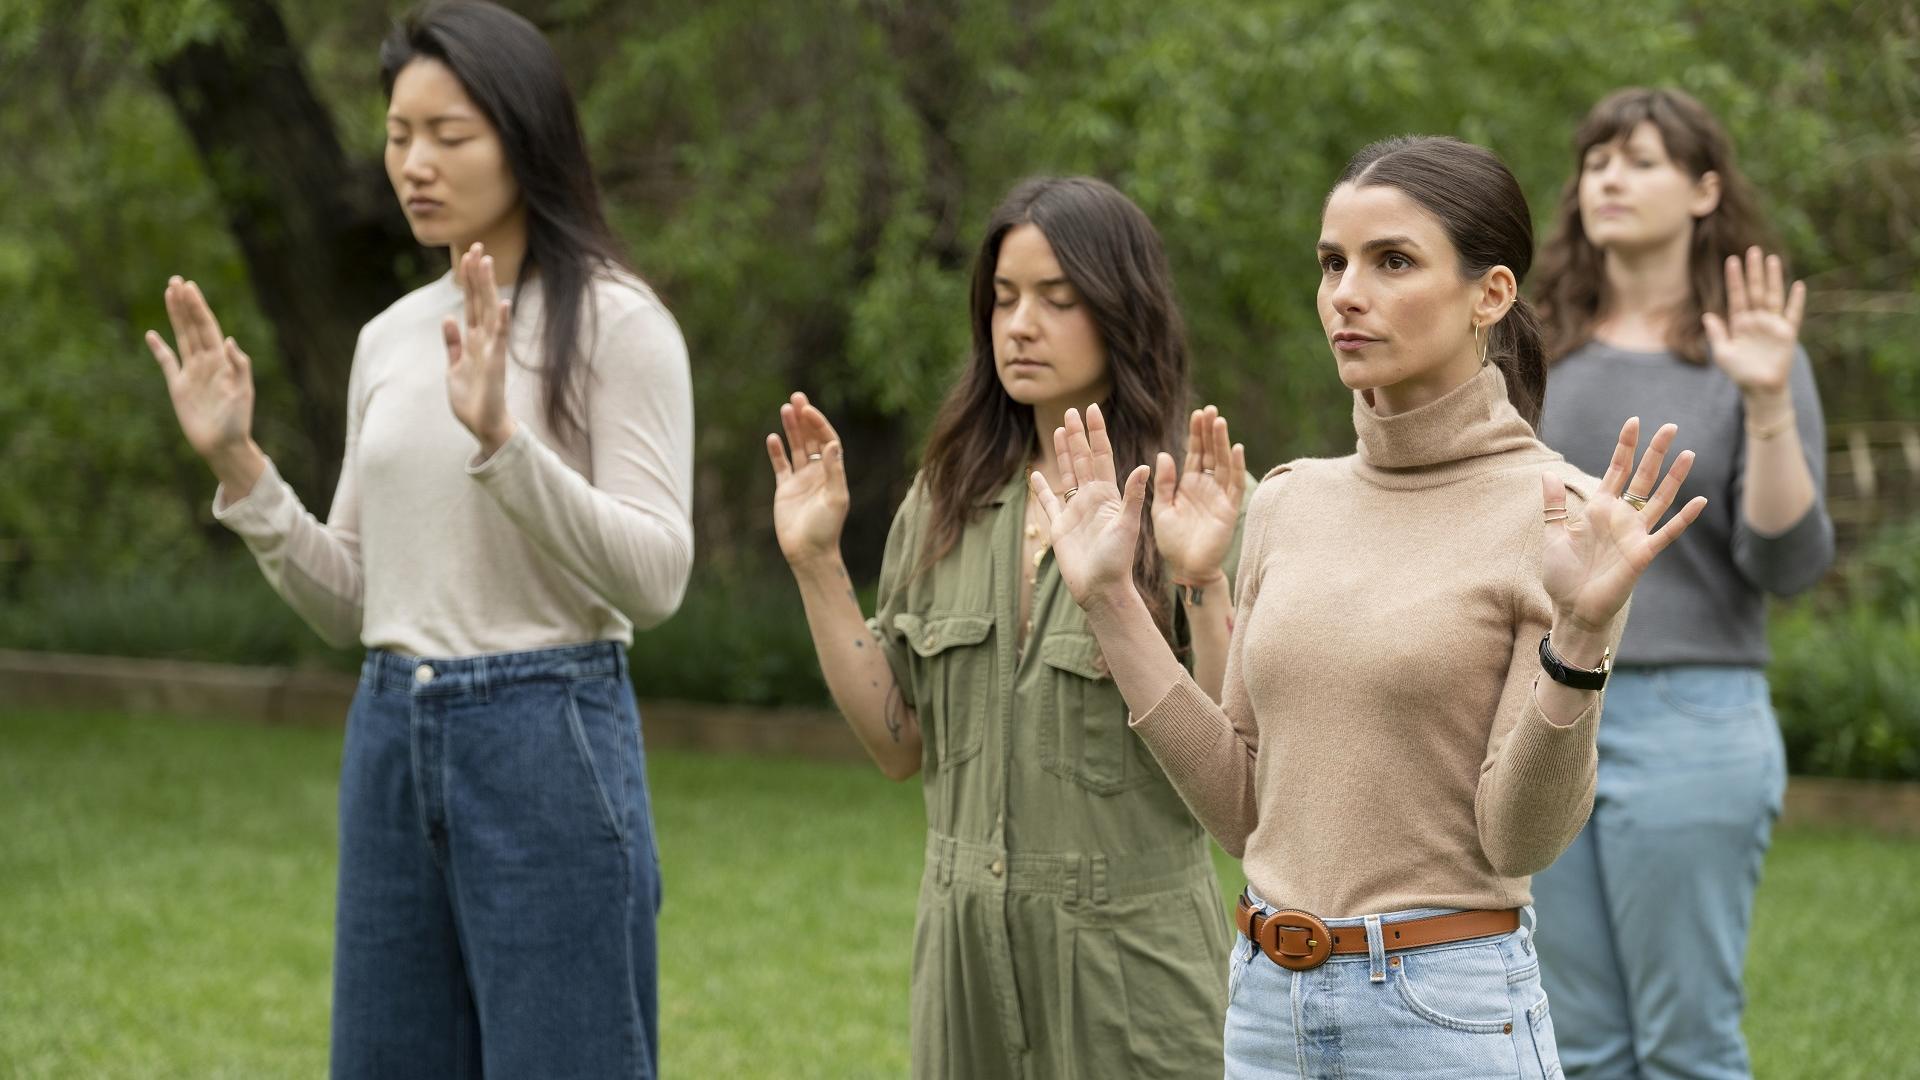 Junge Frauen stehen mit hochgereckten Armen und teils geschlossenen Augen im Park